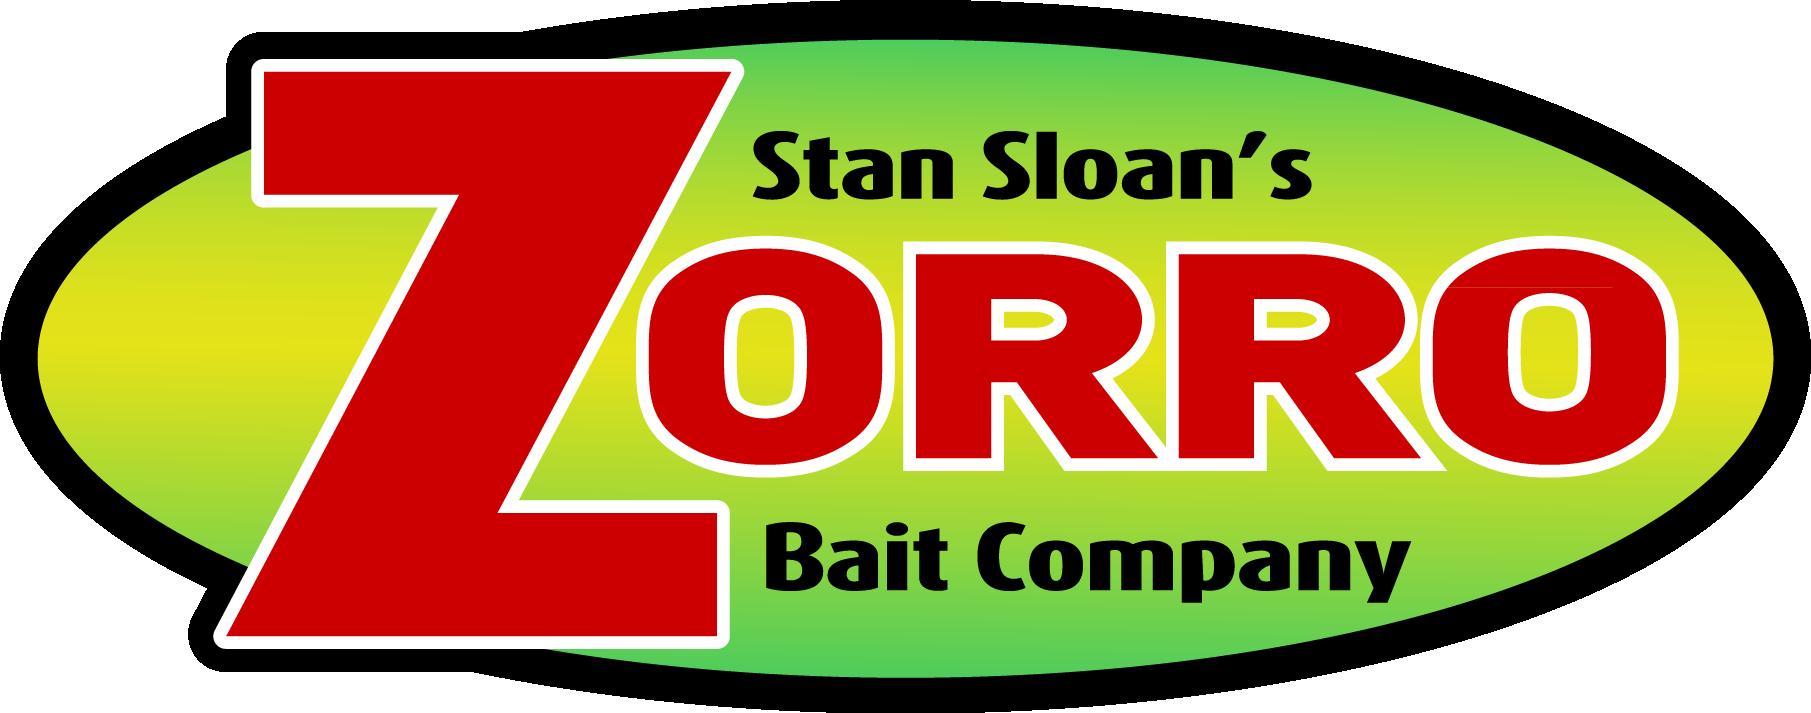 Stan Sloan's Zorro Bait Co.